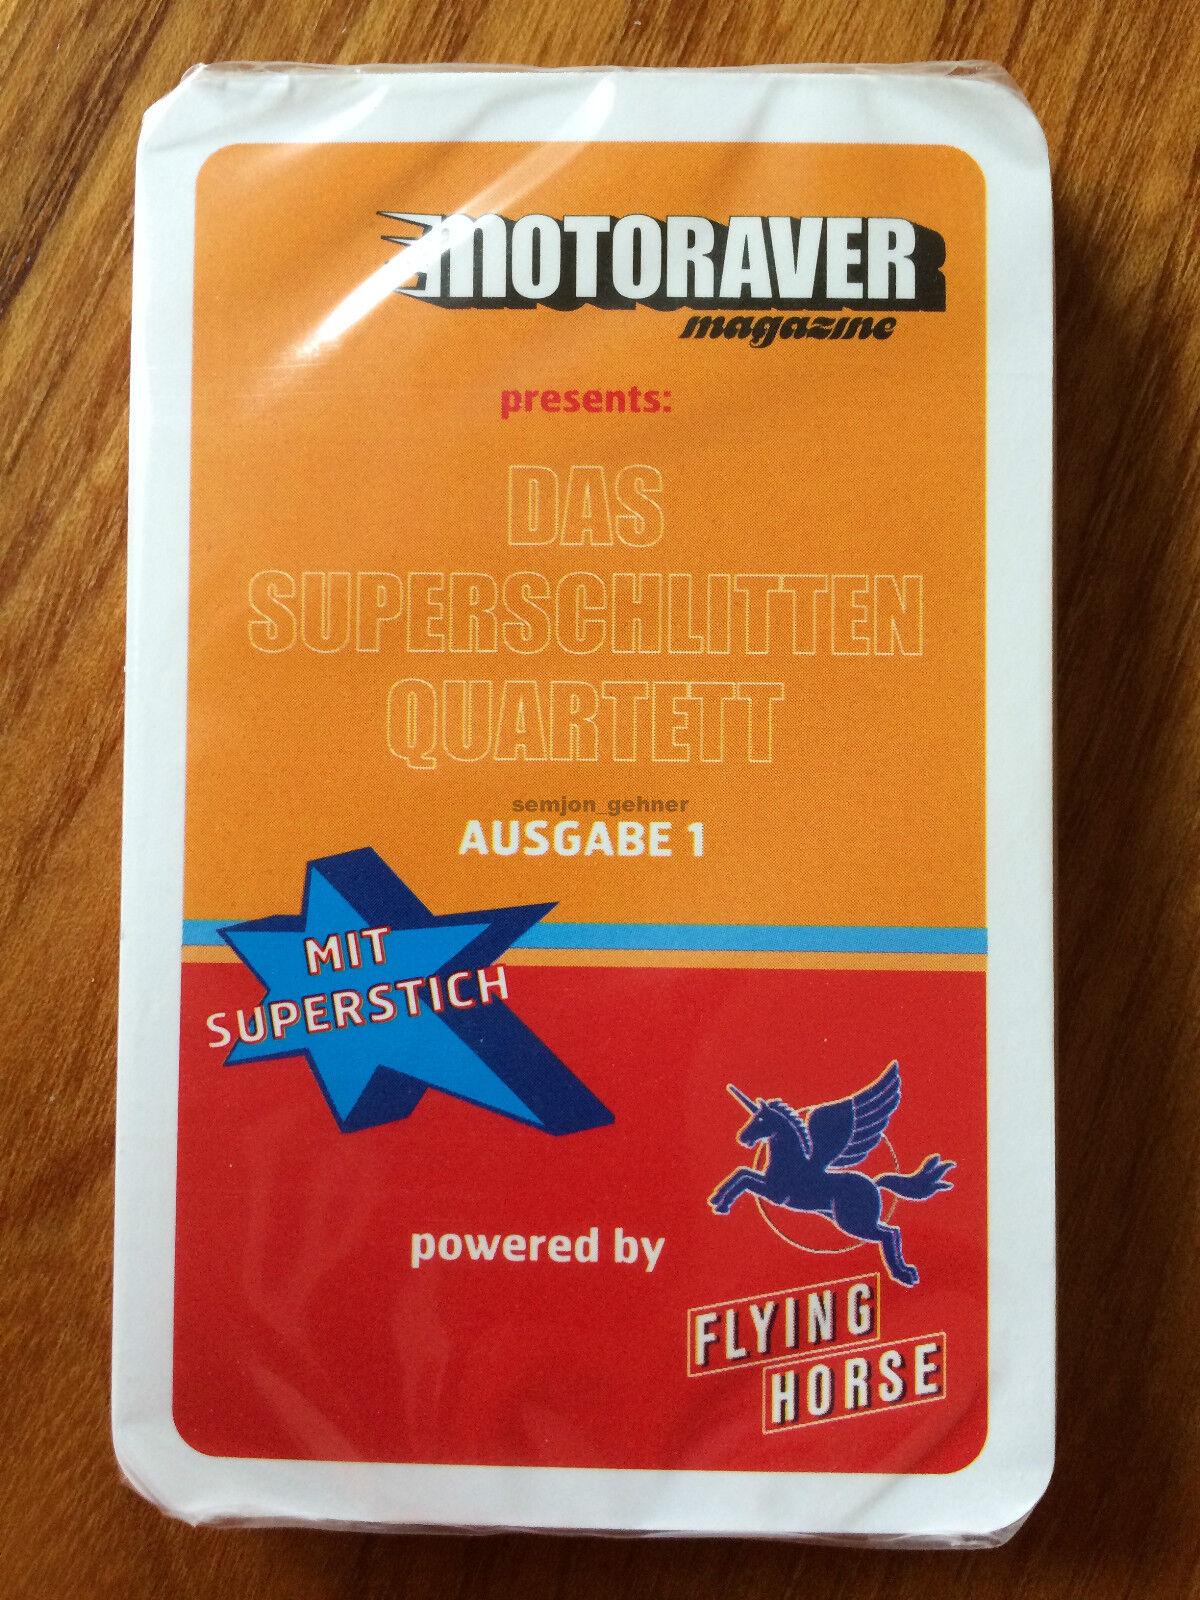 MOTORAVER magazine  Das Superschlitten-Quartett  Ausgabe 1 (mit Superstich) NEU  | Die Qualität Und Die Verbraucher Zunächst